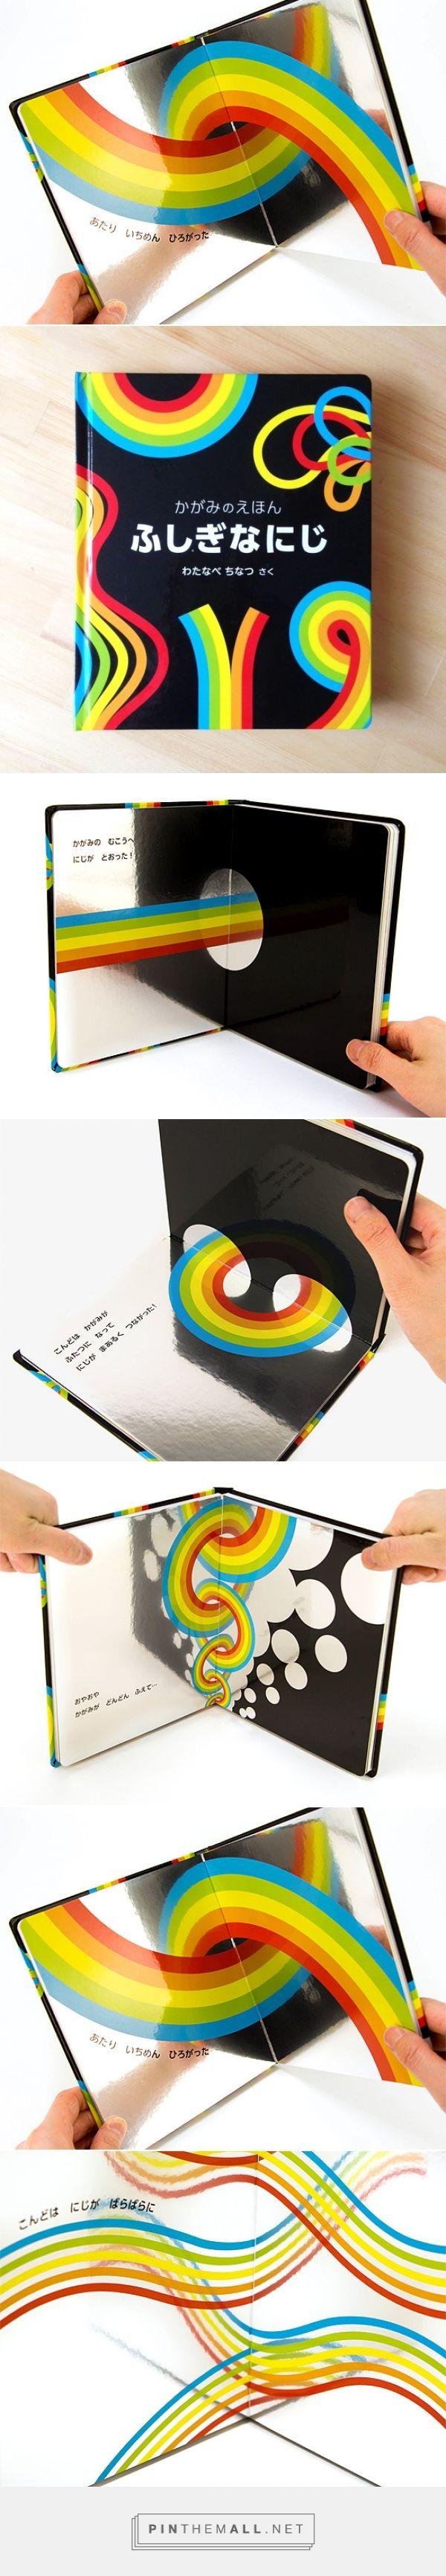 utilizzo molto intelligente della carta metallizzata